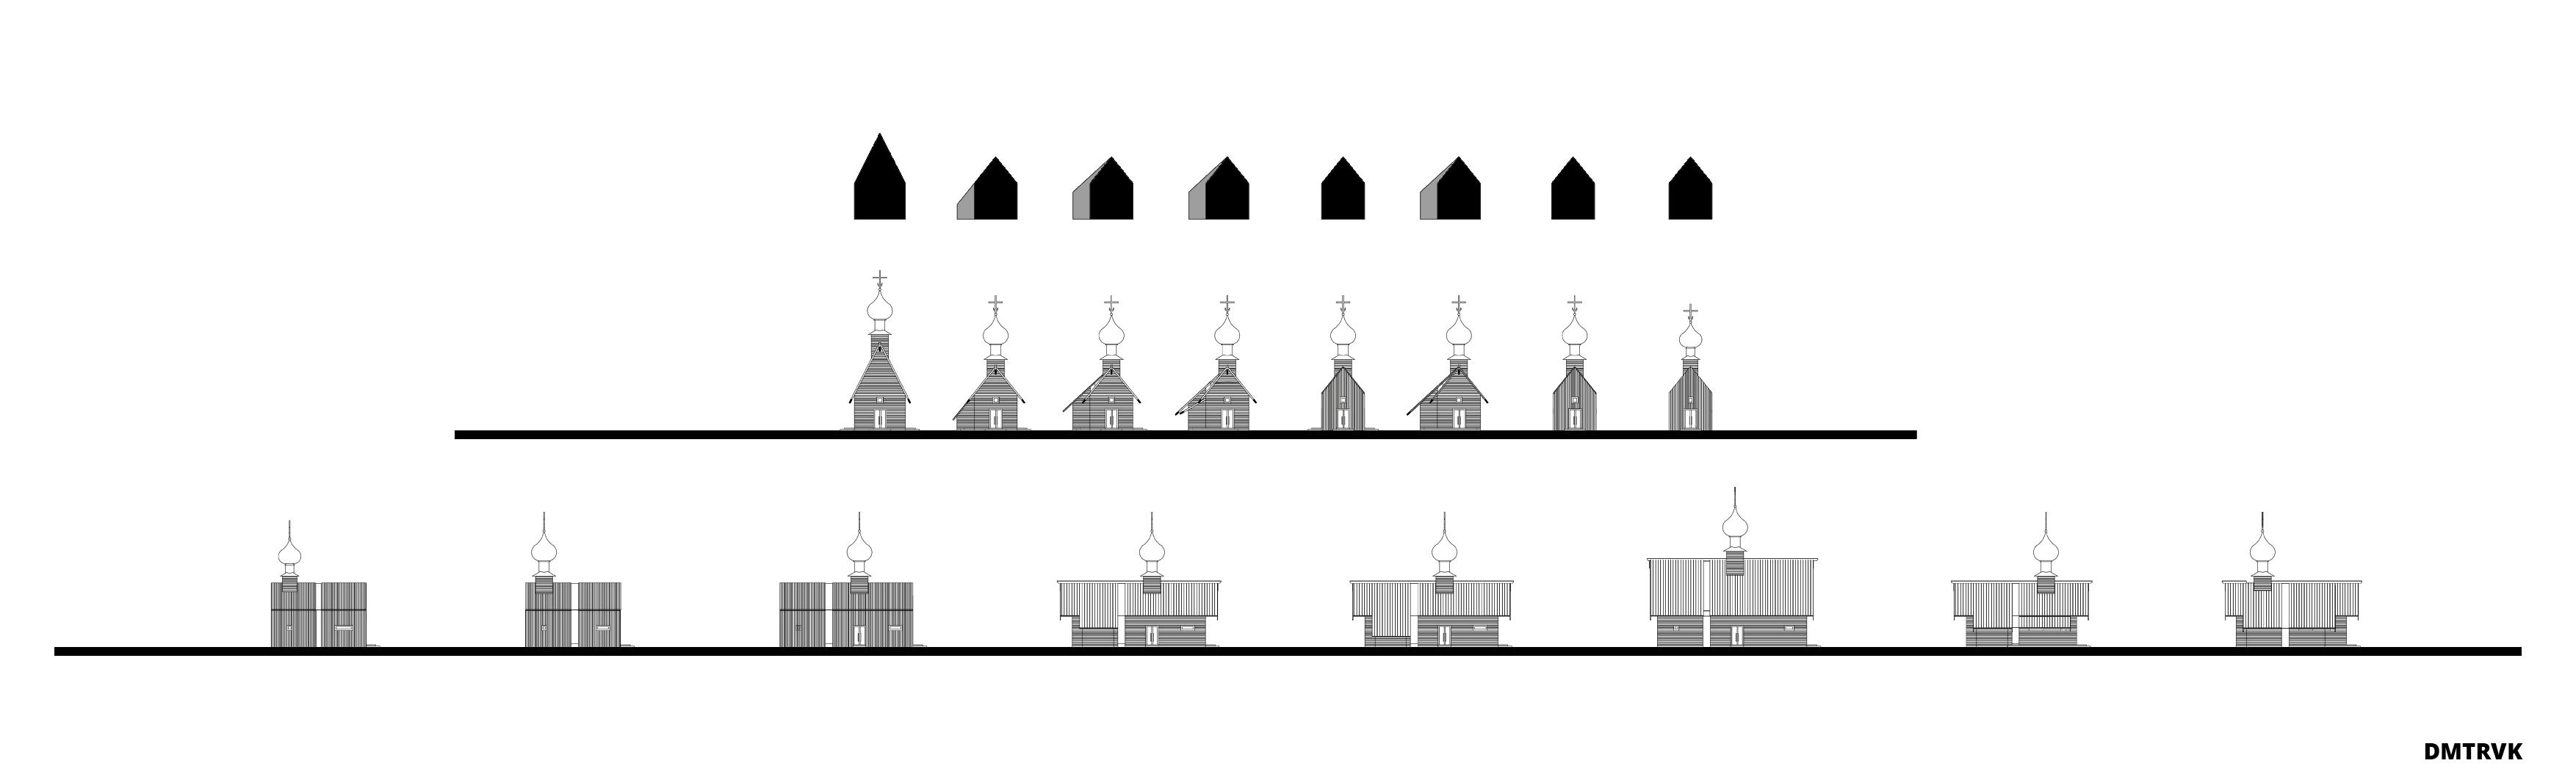 Концепция малых храмов. Варианты композиционных решений. Схема фасадов. ©DMTRVK